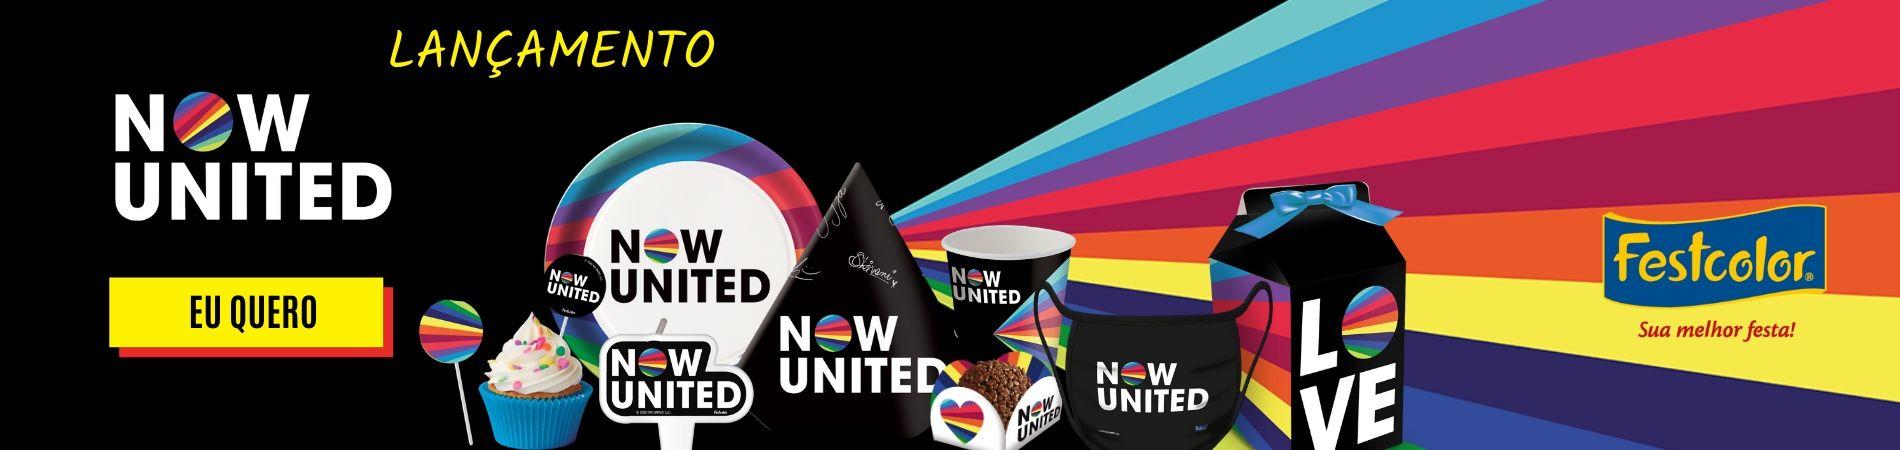 Festa Now Unit